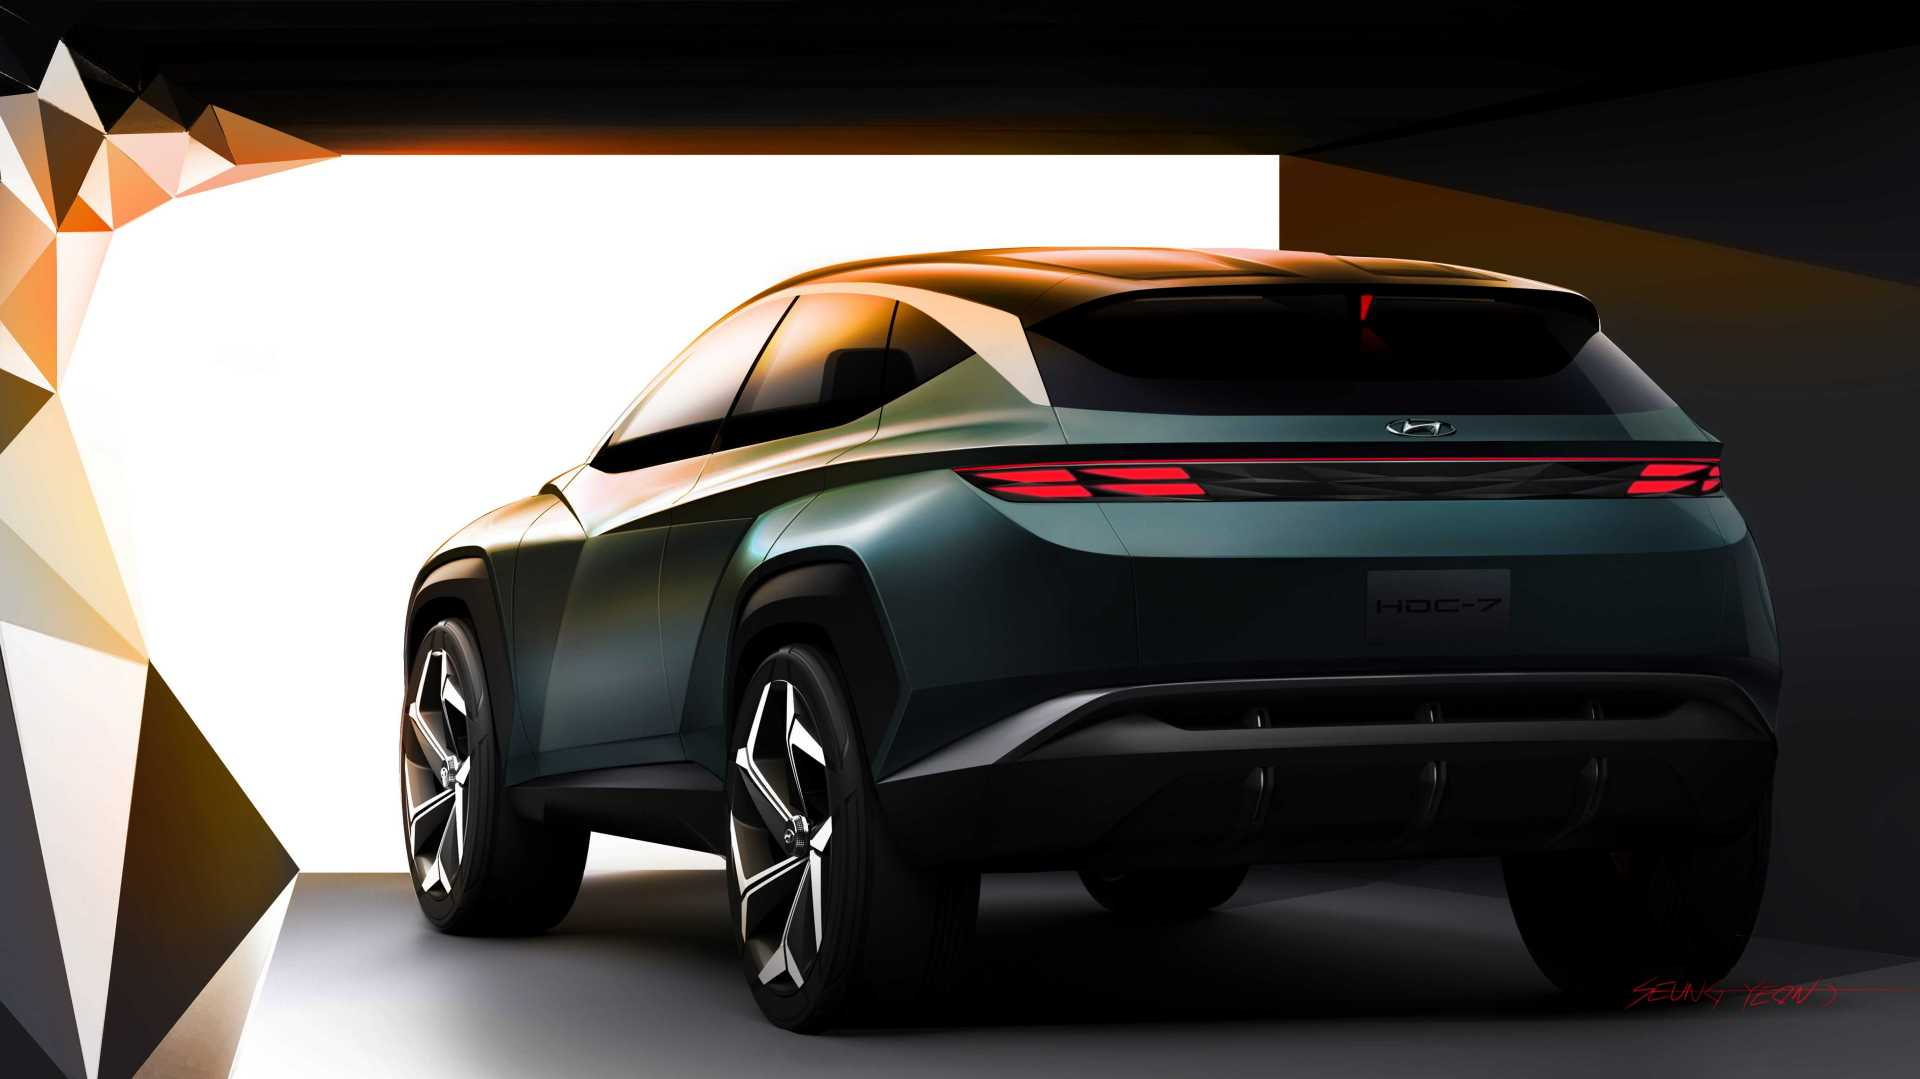 Nu știm cum se va materializa Hyundai Vision T Concept, dar deja ne place